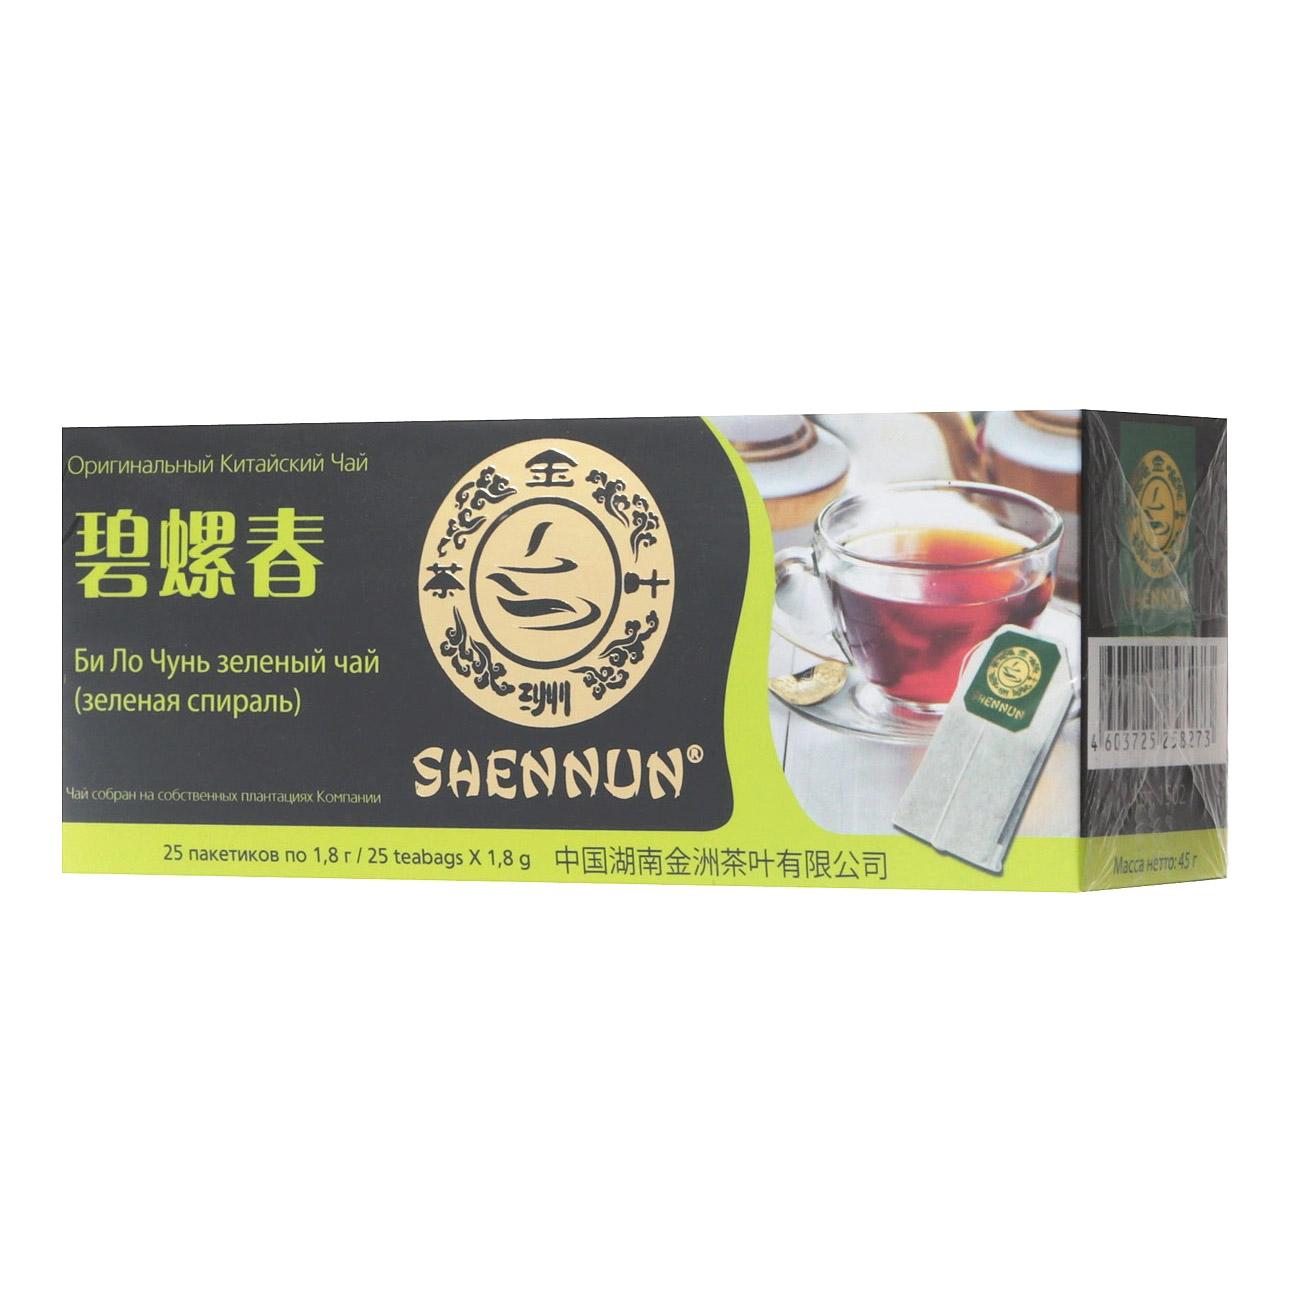 Чай зеленый Shennun Би Ло Чунь, 25 пакетиков